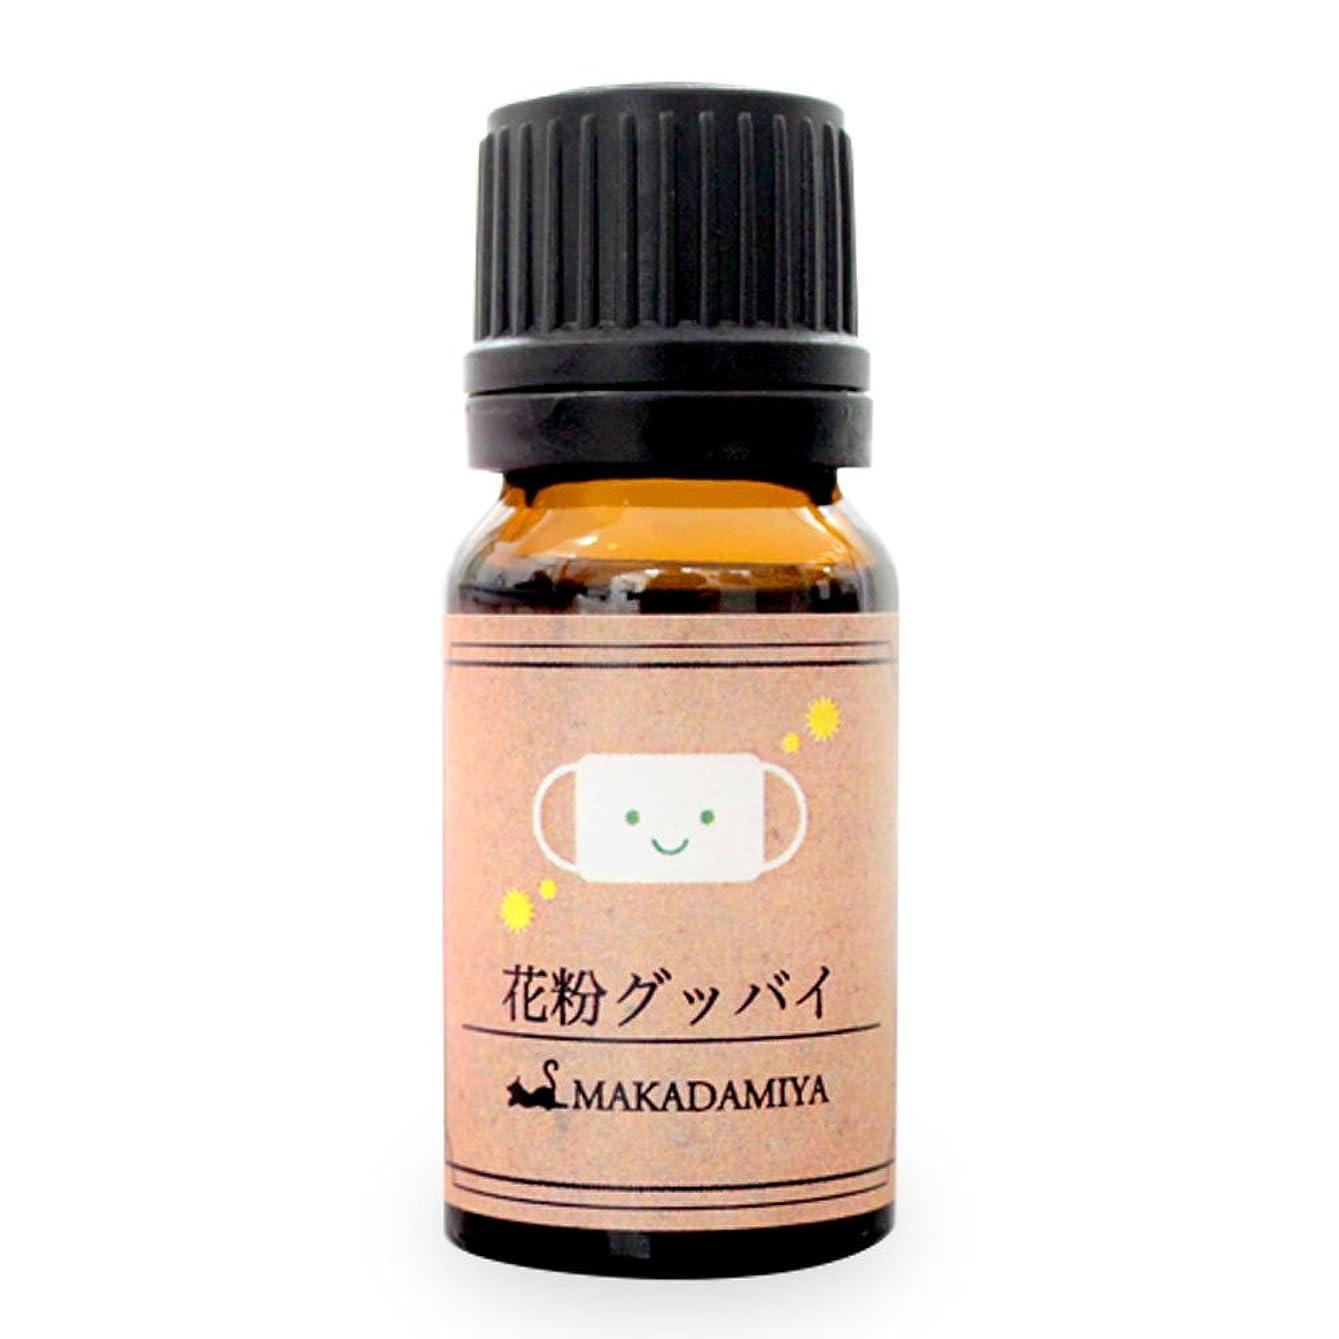 ニコチン追い出す本当に花粉グッバイ10ml (天然100%植物性/アロマオイル:ティートゥリー?ペパーミント?ユーカリ?ラベンダー?マートル配合)